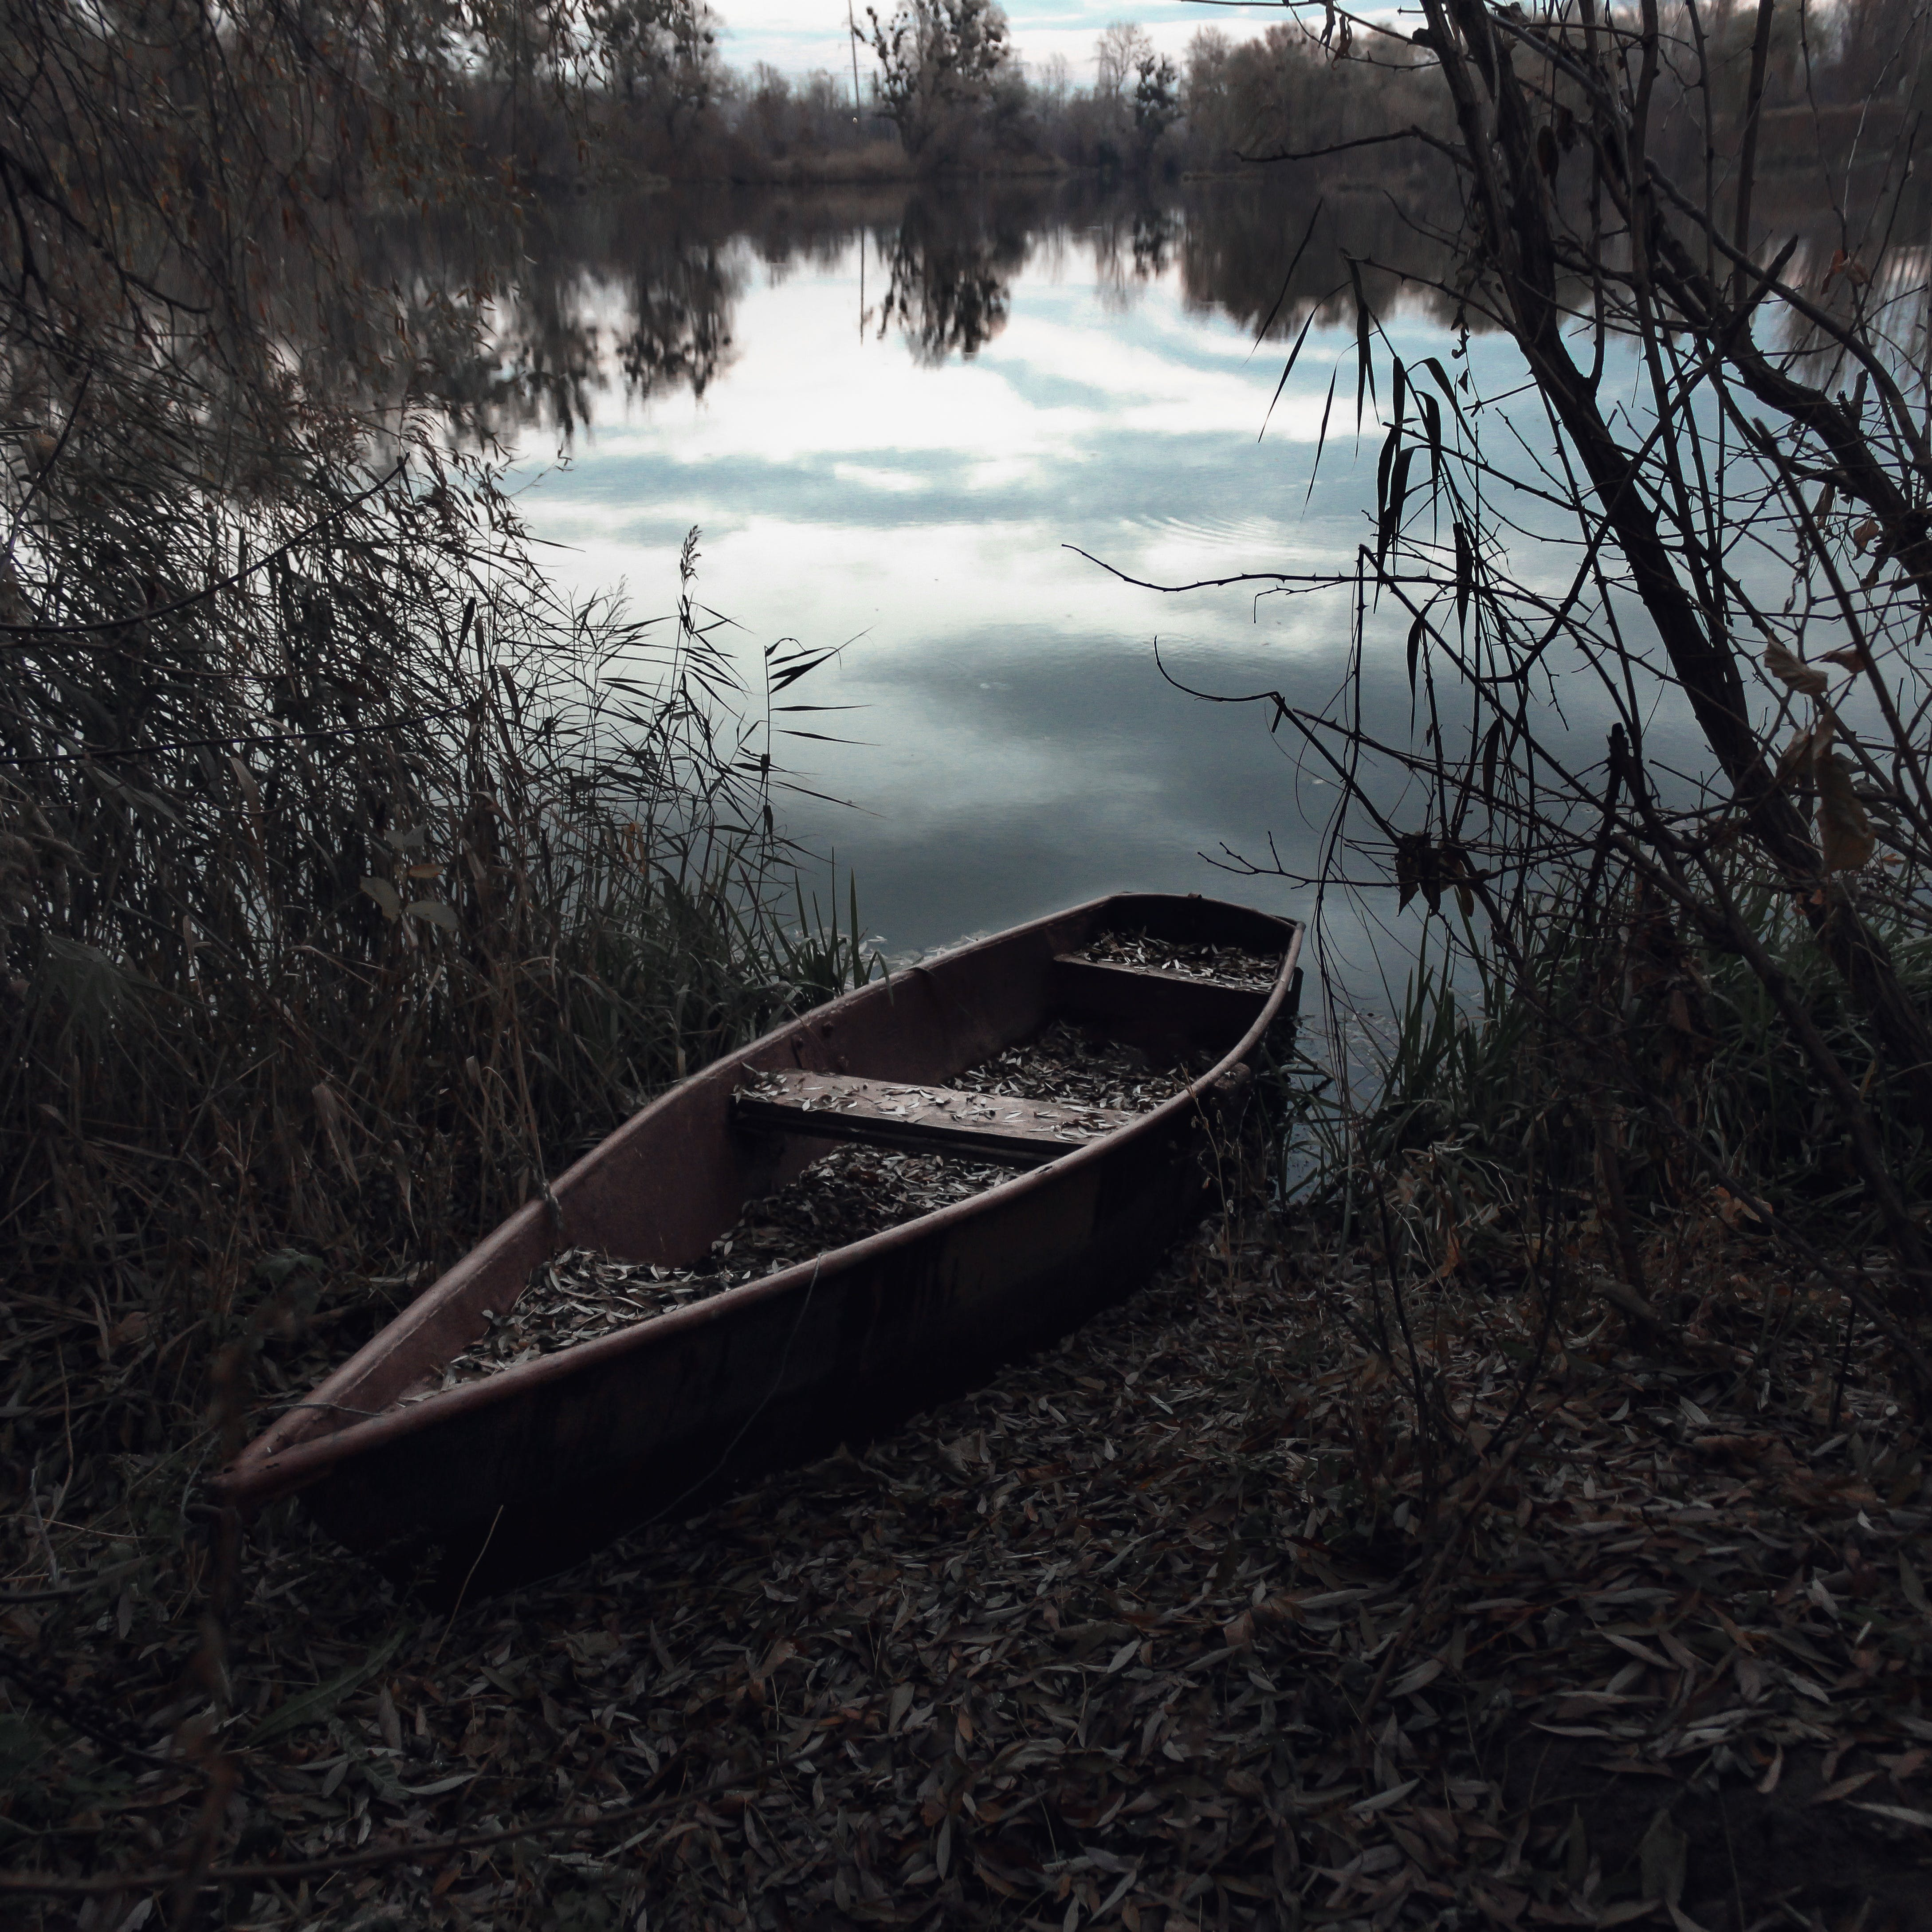 Foto d'estoc gratuïta de a l'aire lliure, arbres, banc, barca